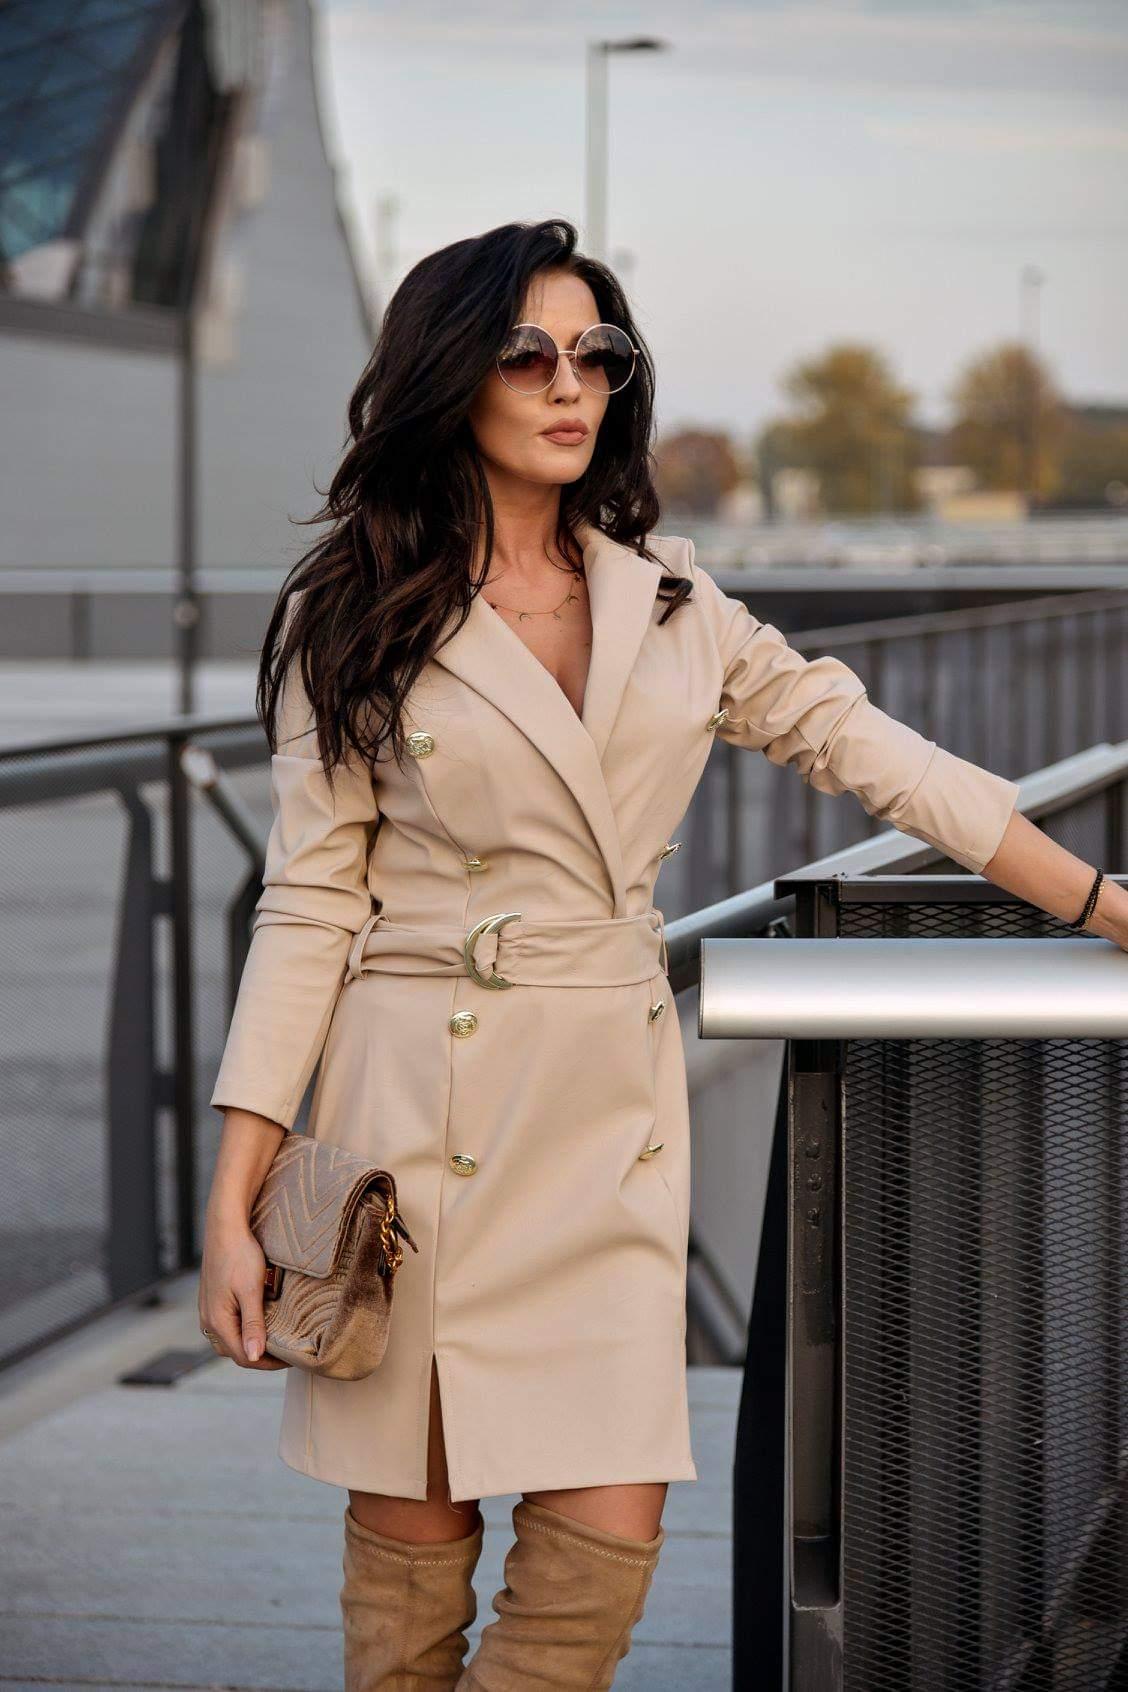 Dámske elegantné kožene šaty (Dámske kožené šaty,elegantne)